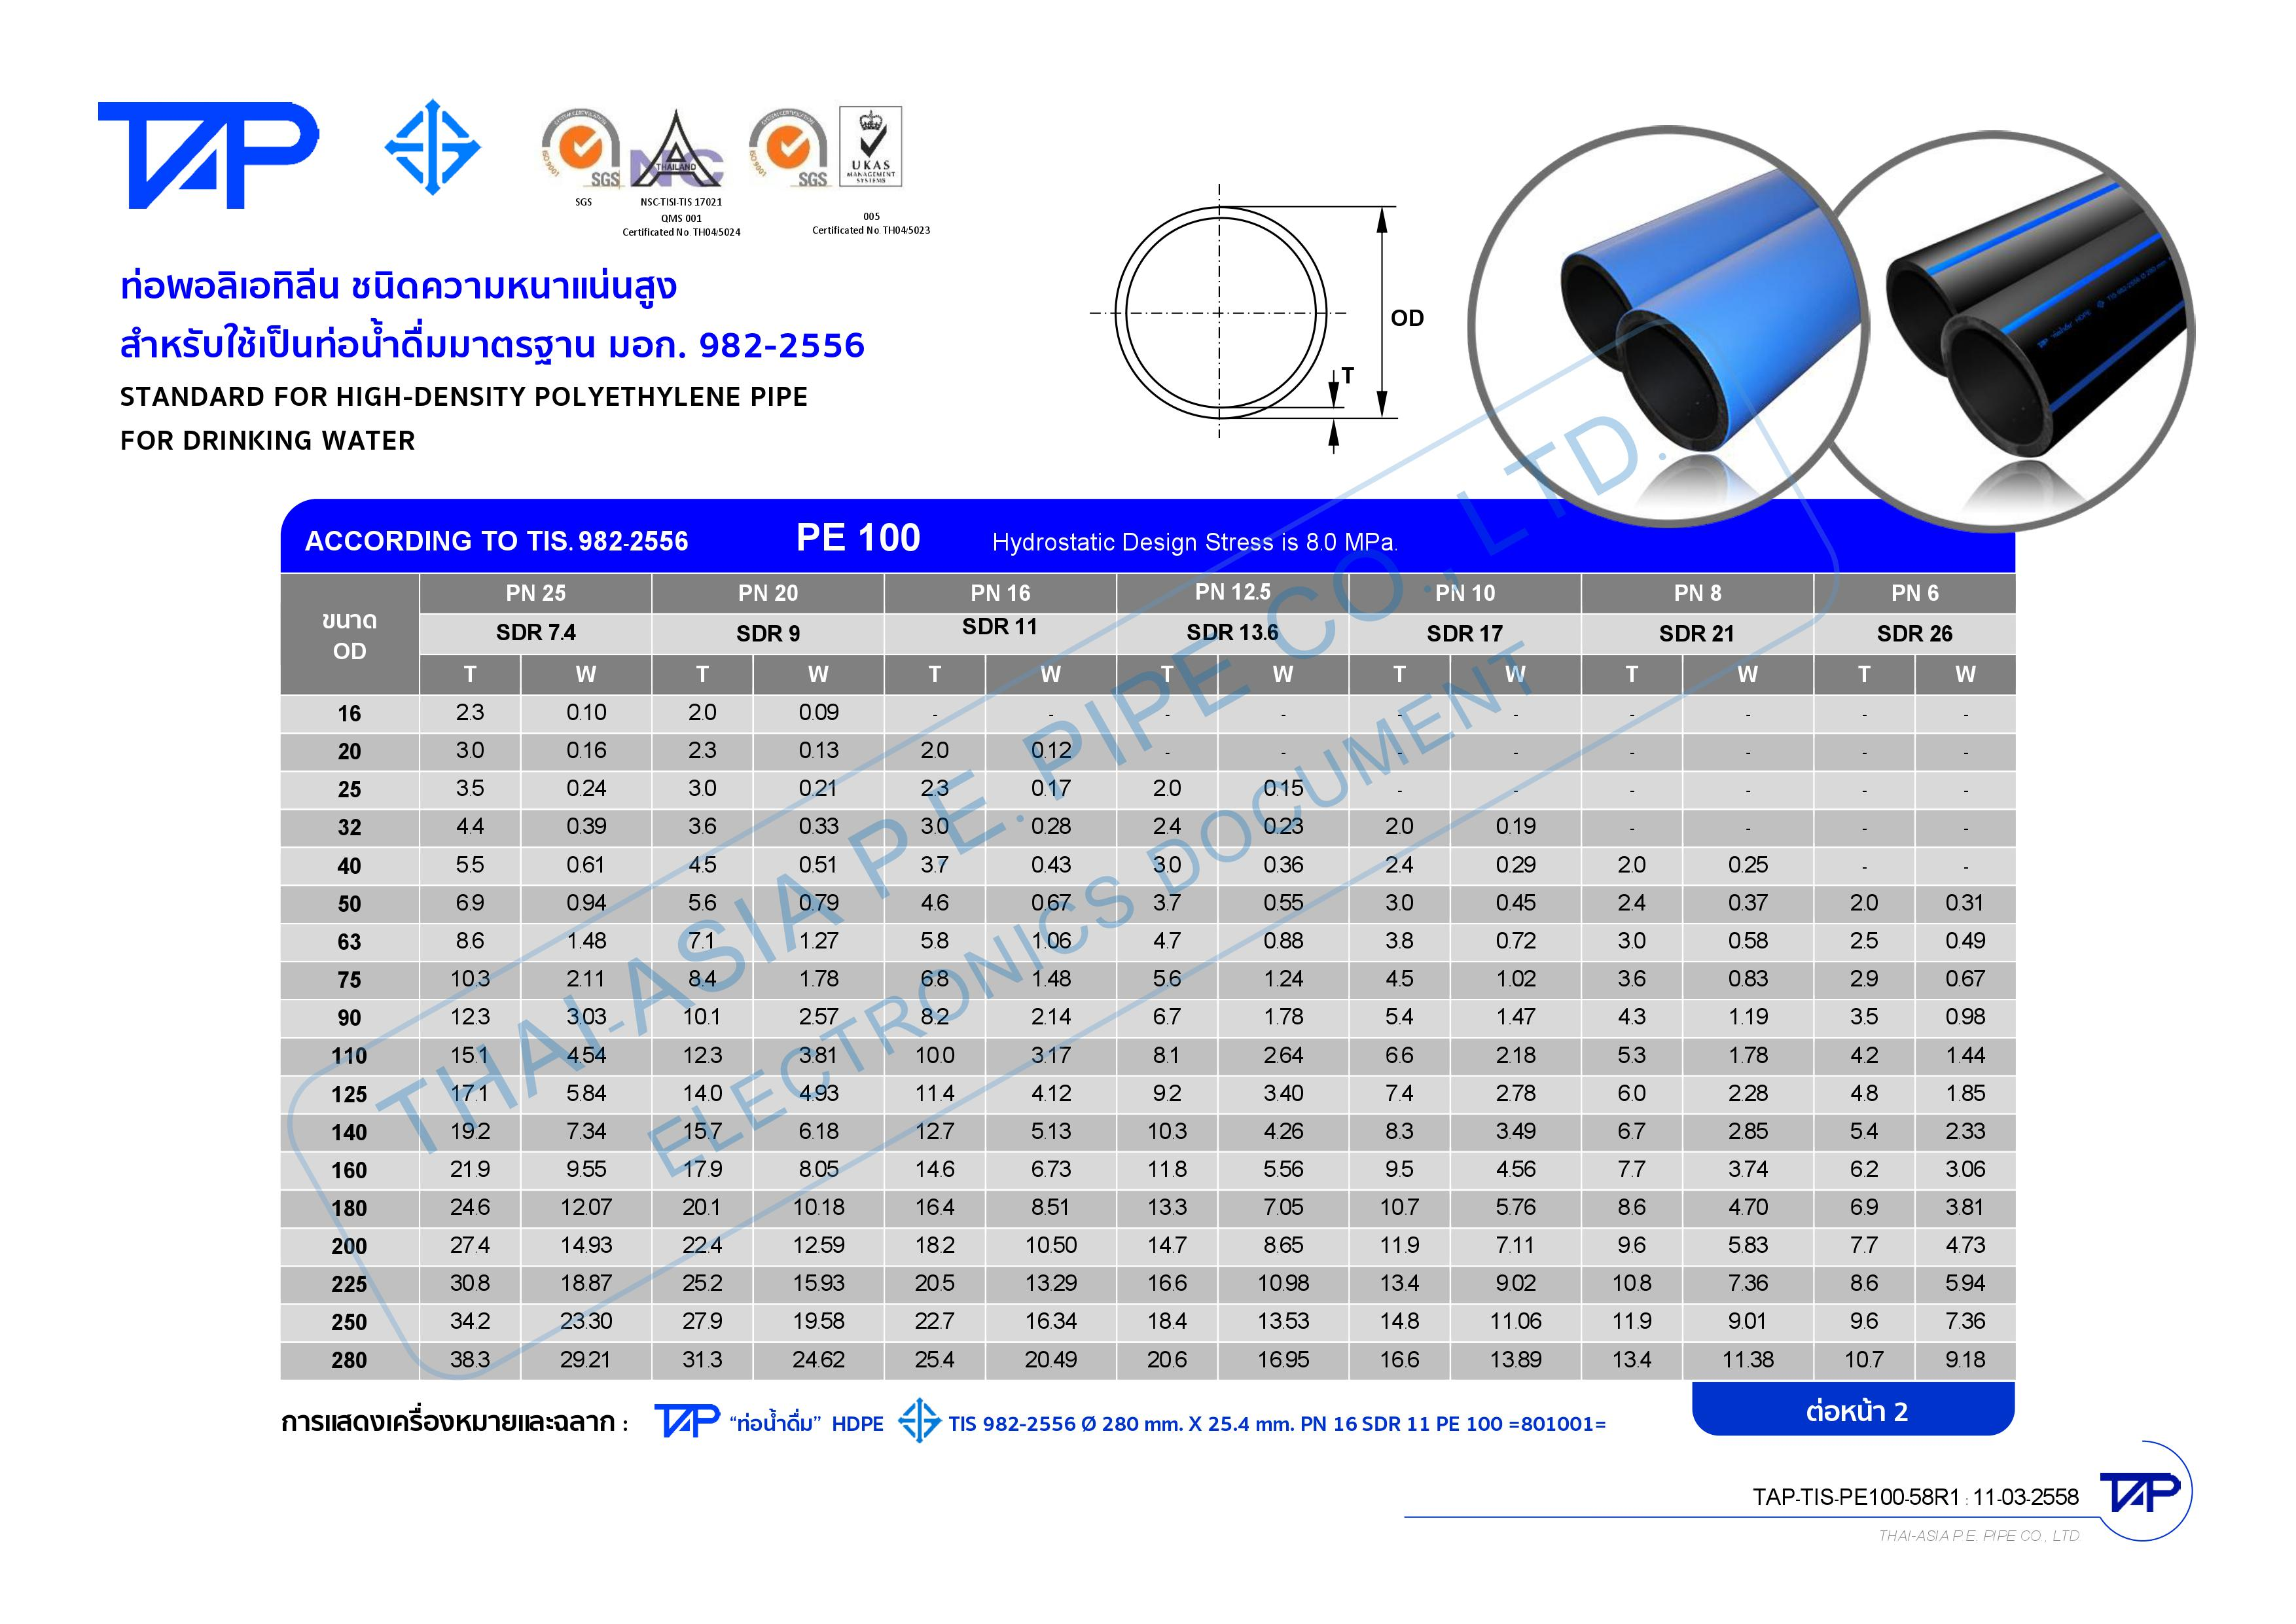 ท่อHDPE-ท่อPE-pricelist-11